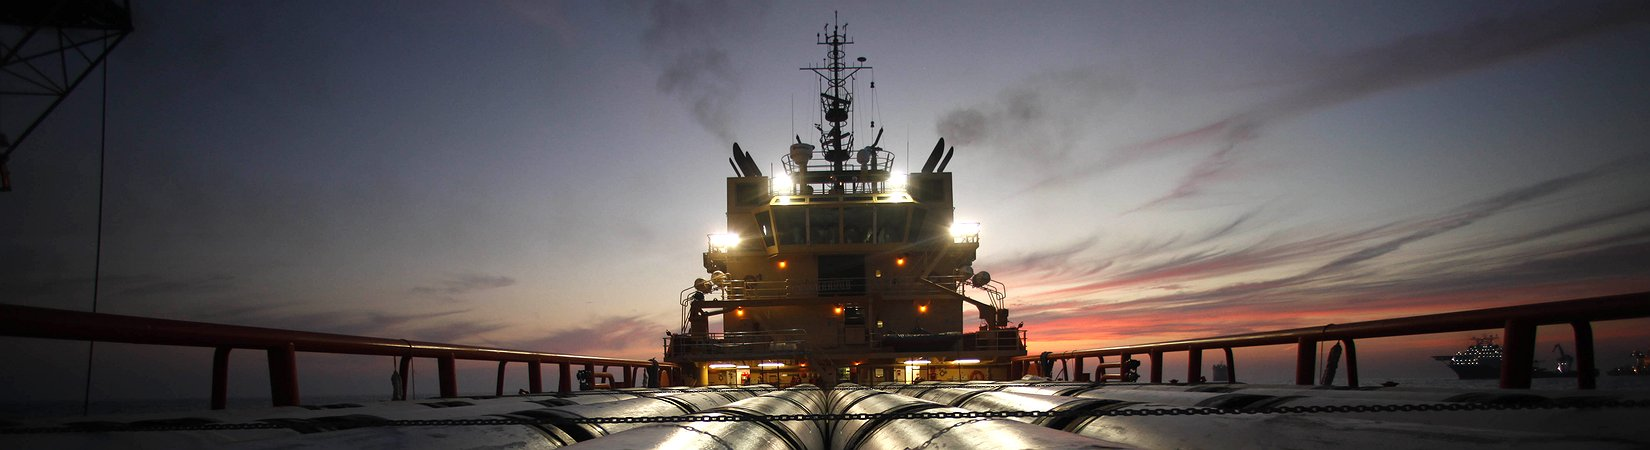 ¿Qué podemos aprender de la historia de los precios del petróleo?